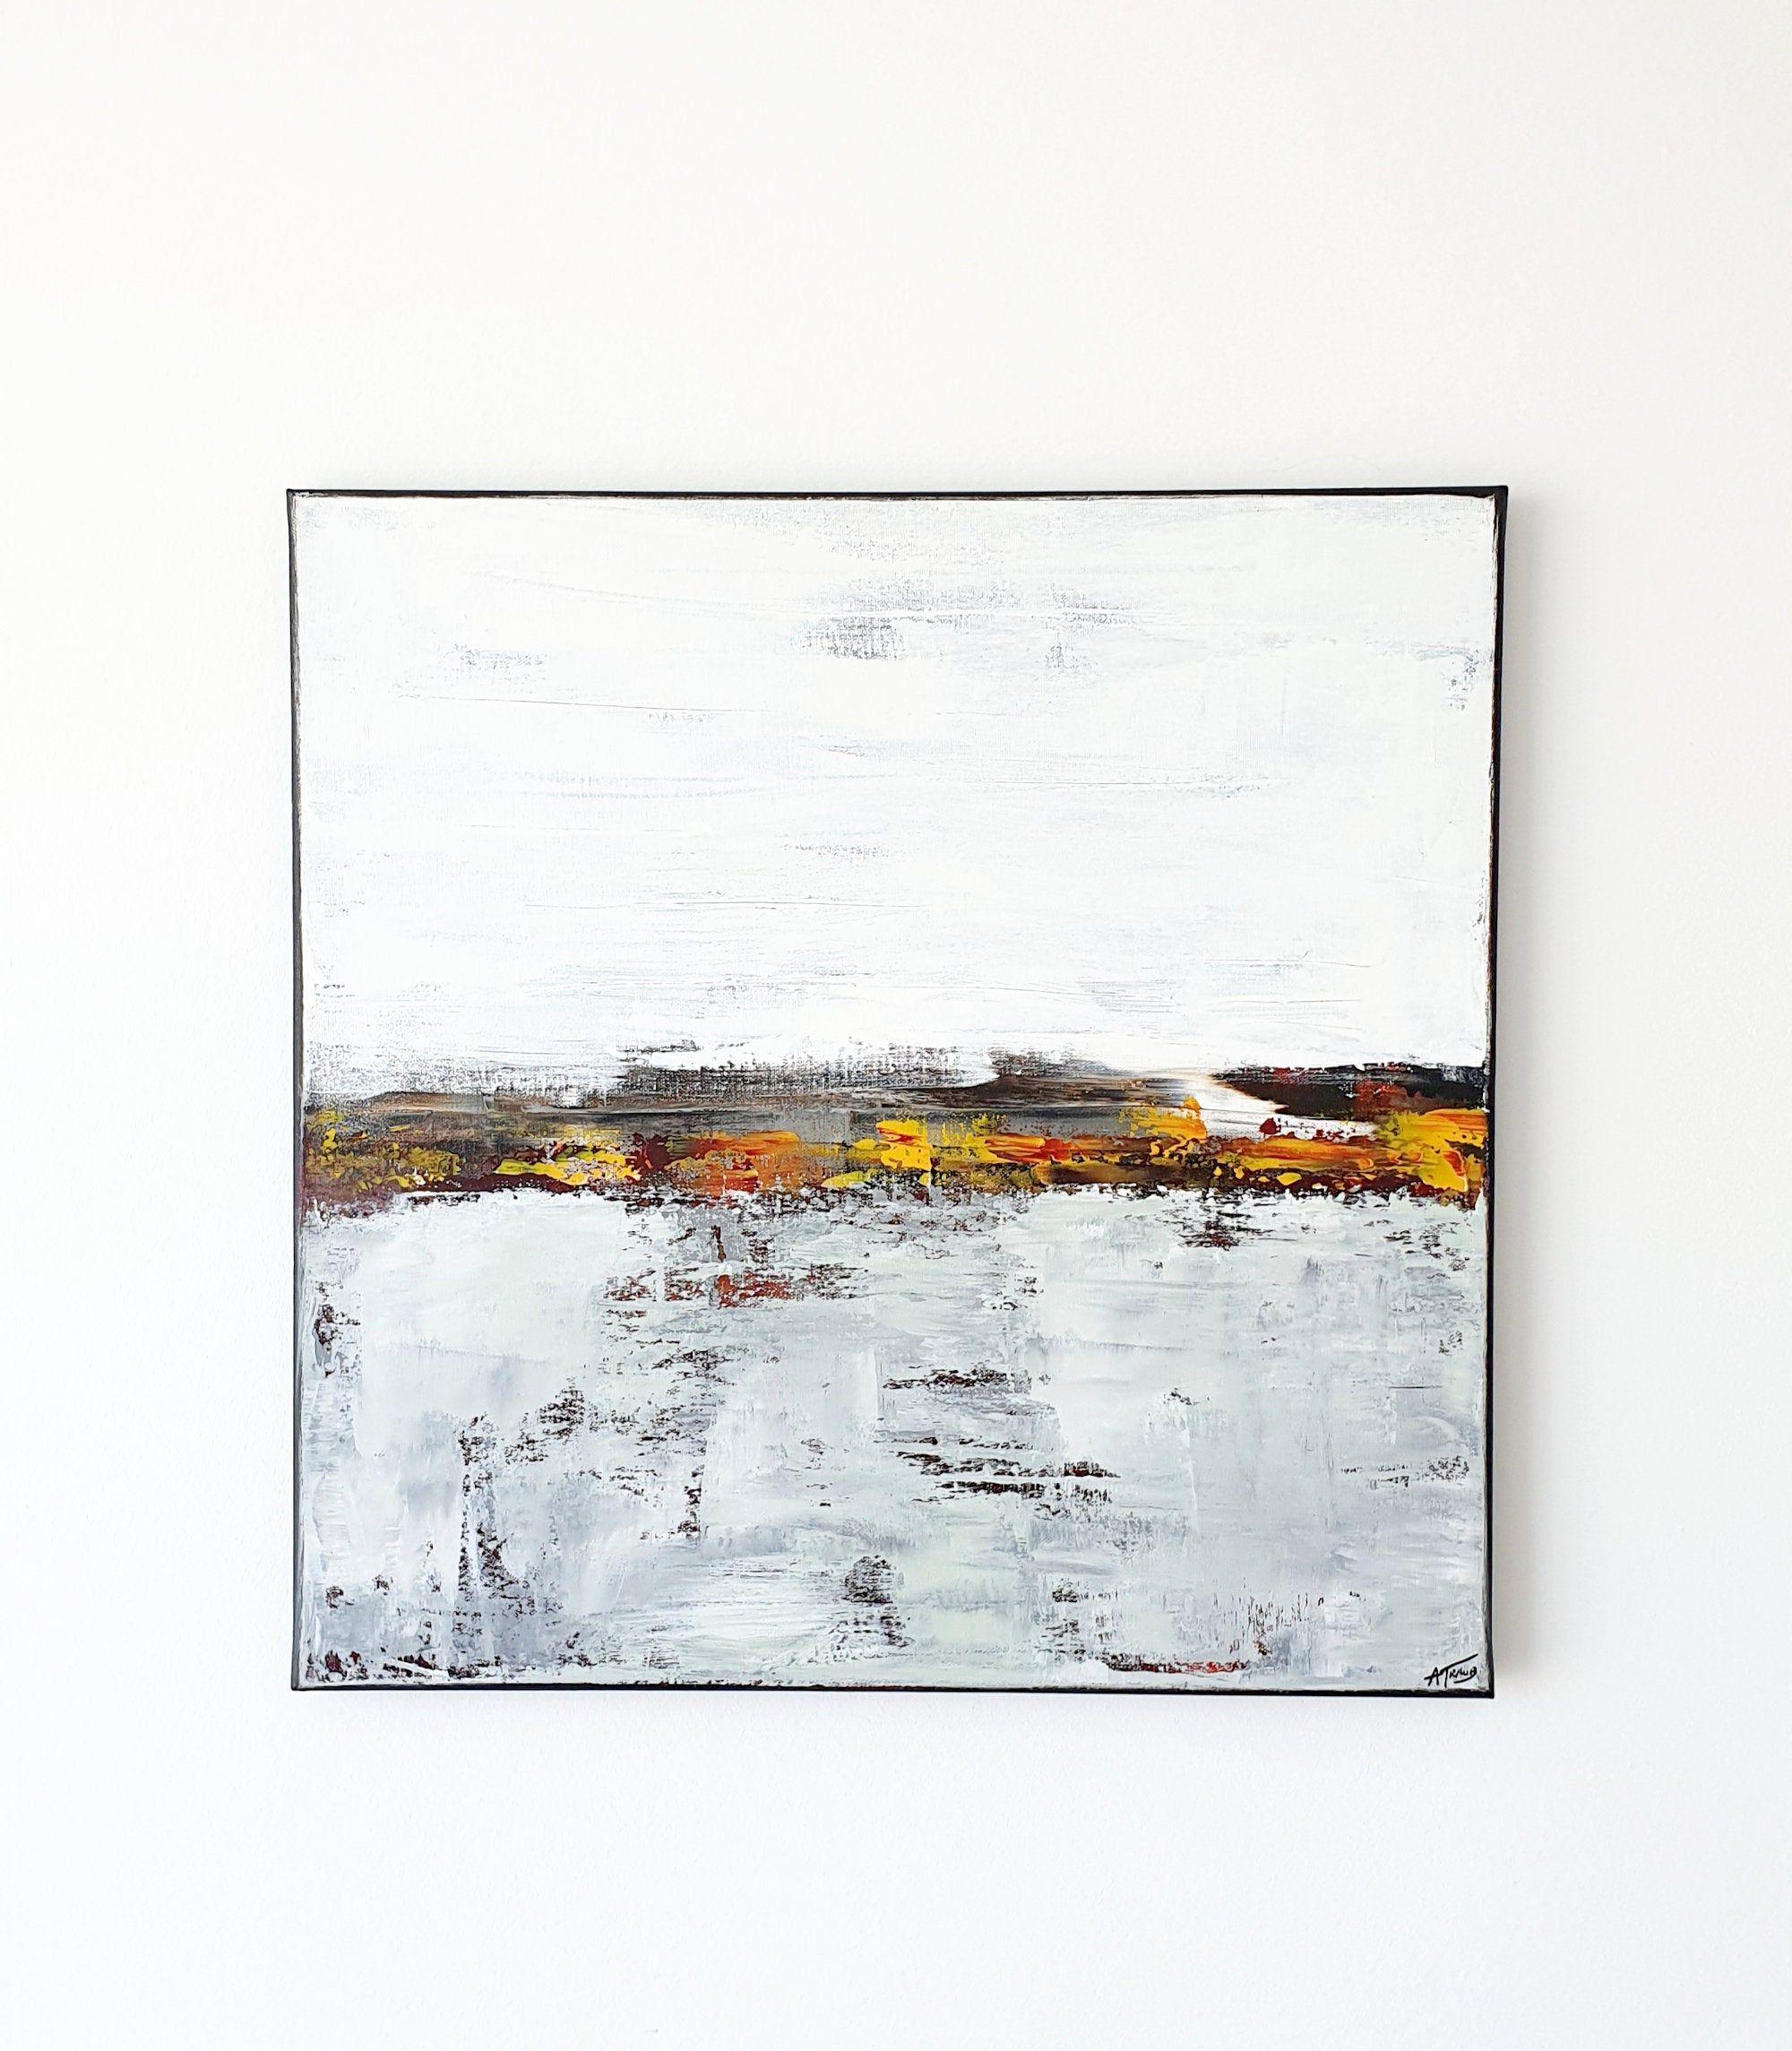 a traub malerei 50x50 cm acryl auf leinwand kunst modern etsy abstract artwork moderne kunstwerke online kaufen